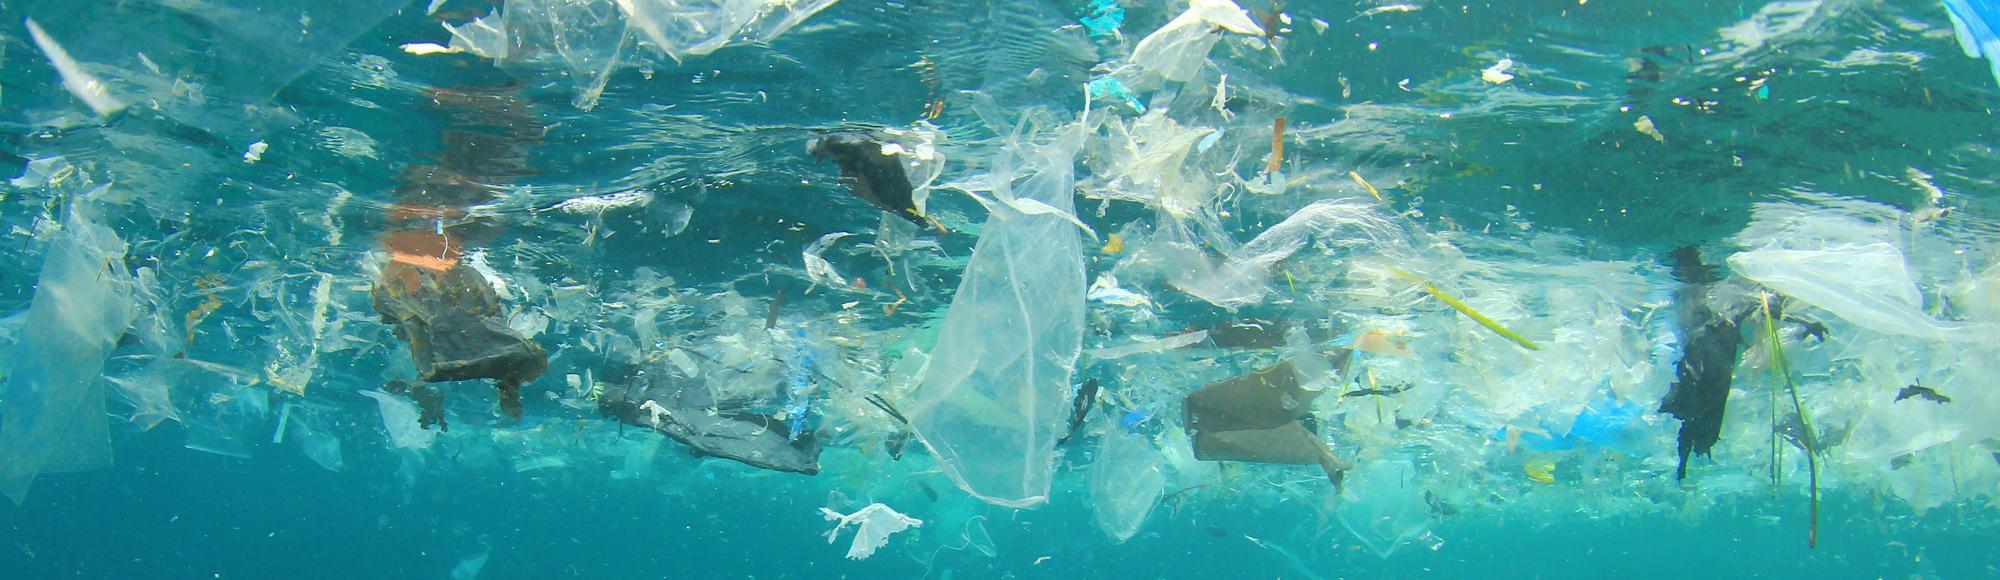 Resultado de imagen para basura en el oceano